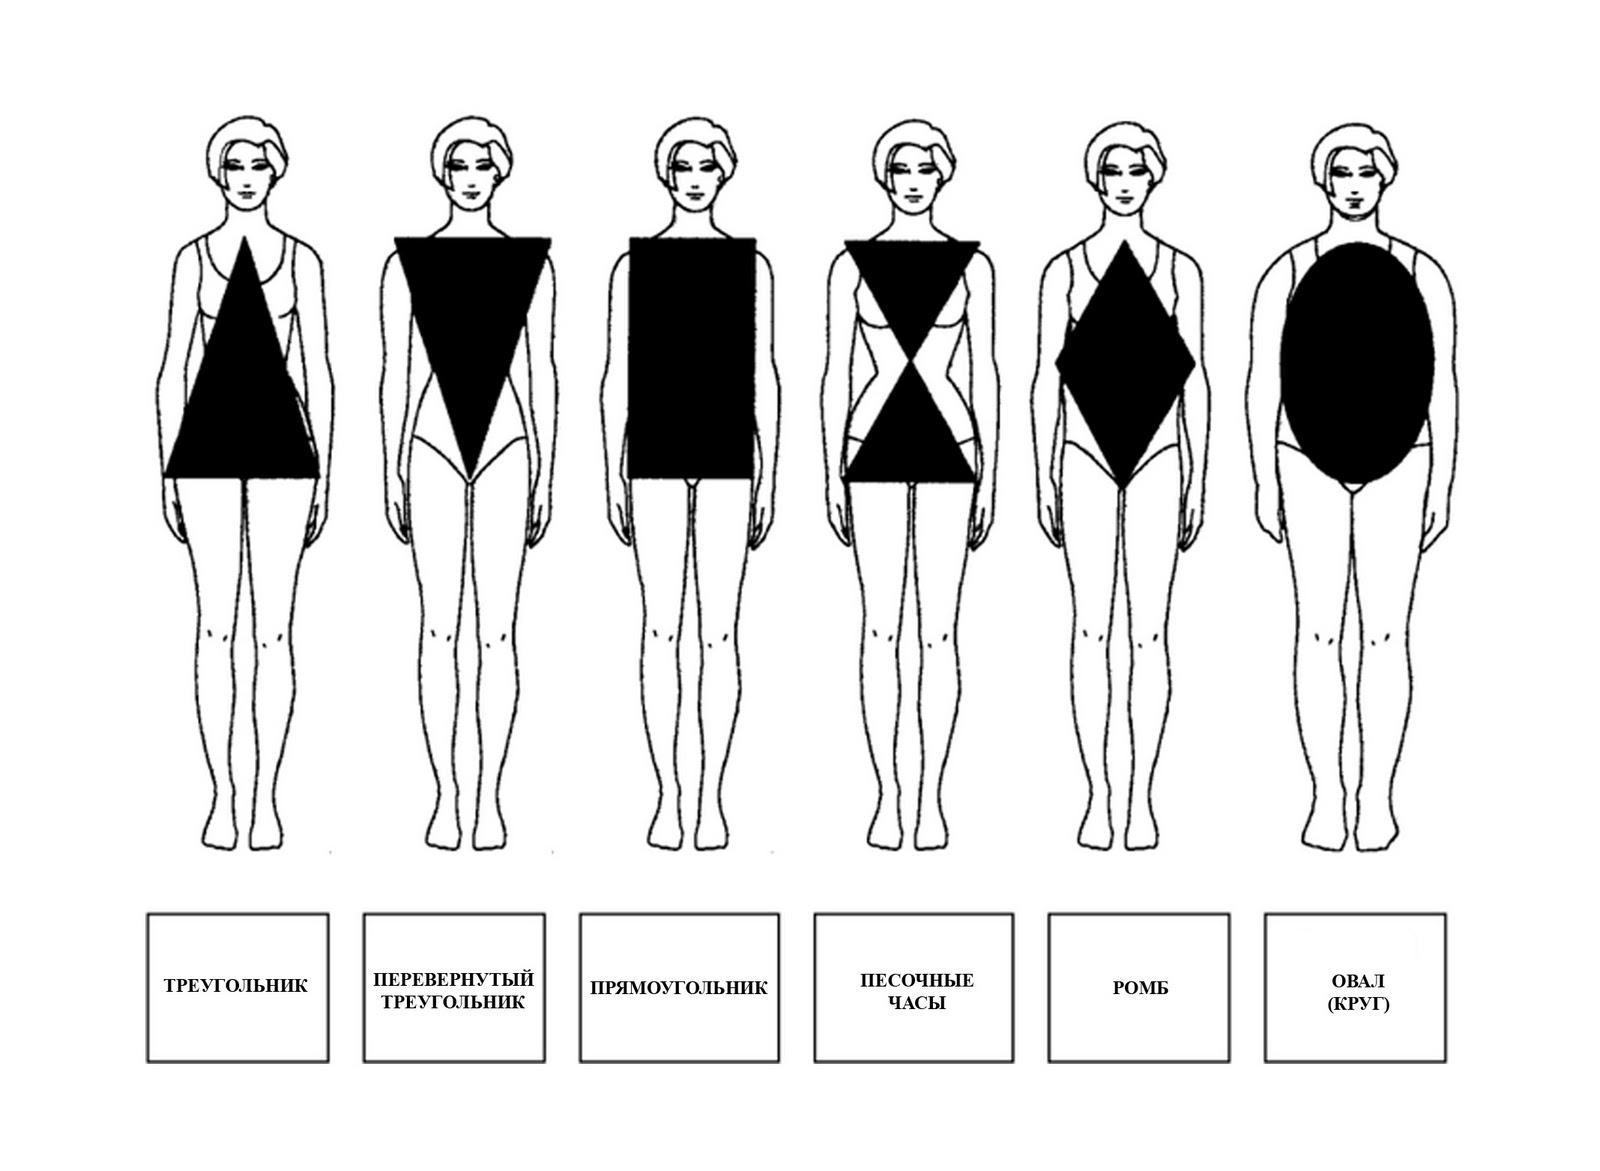 Типы женской груди фотографии 13 фотография